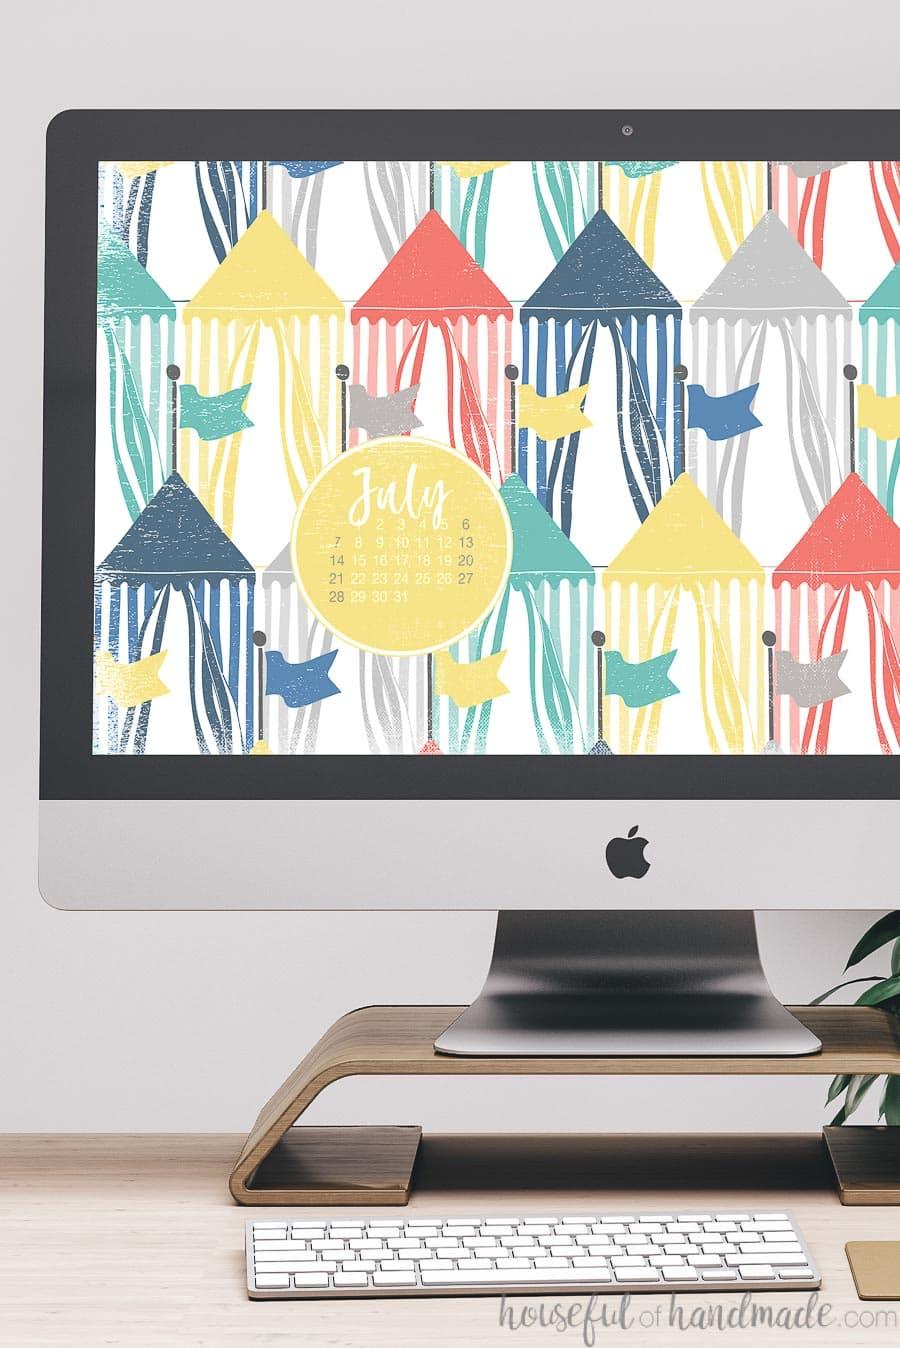 Summer digital wallpaper with calendar on the desktop of a computer.